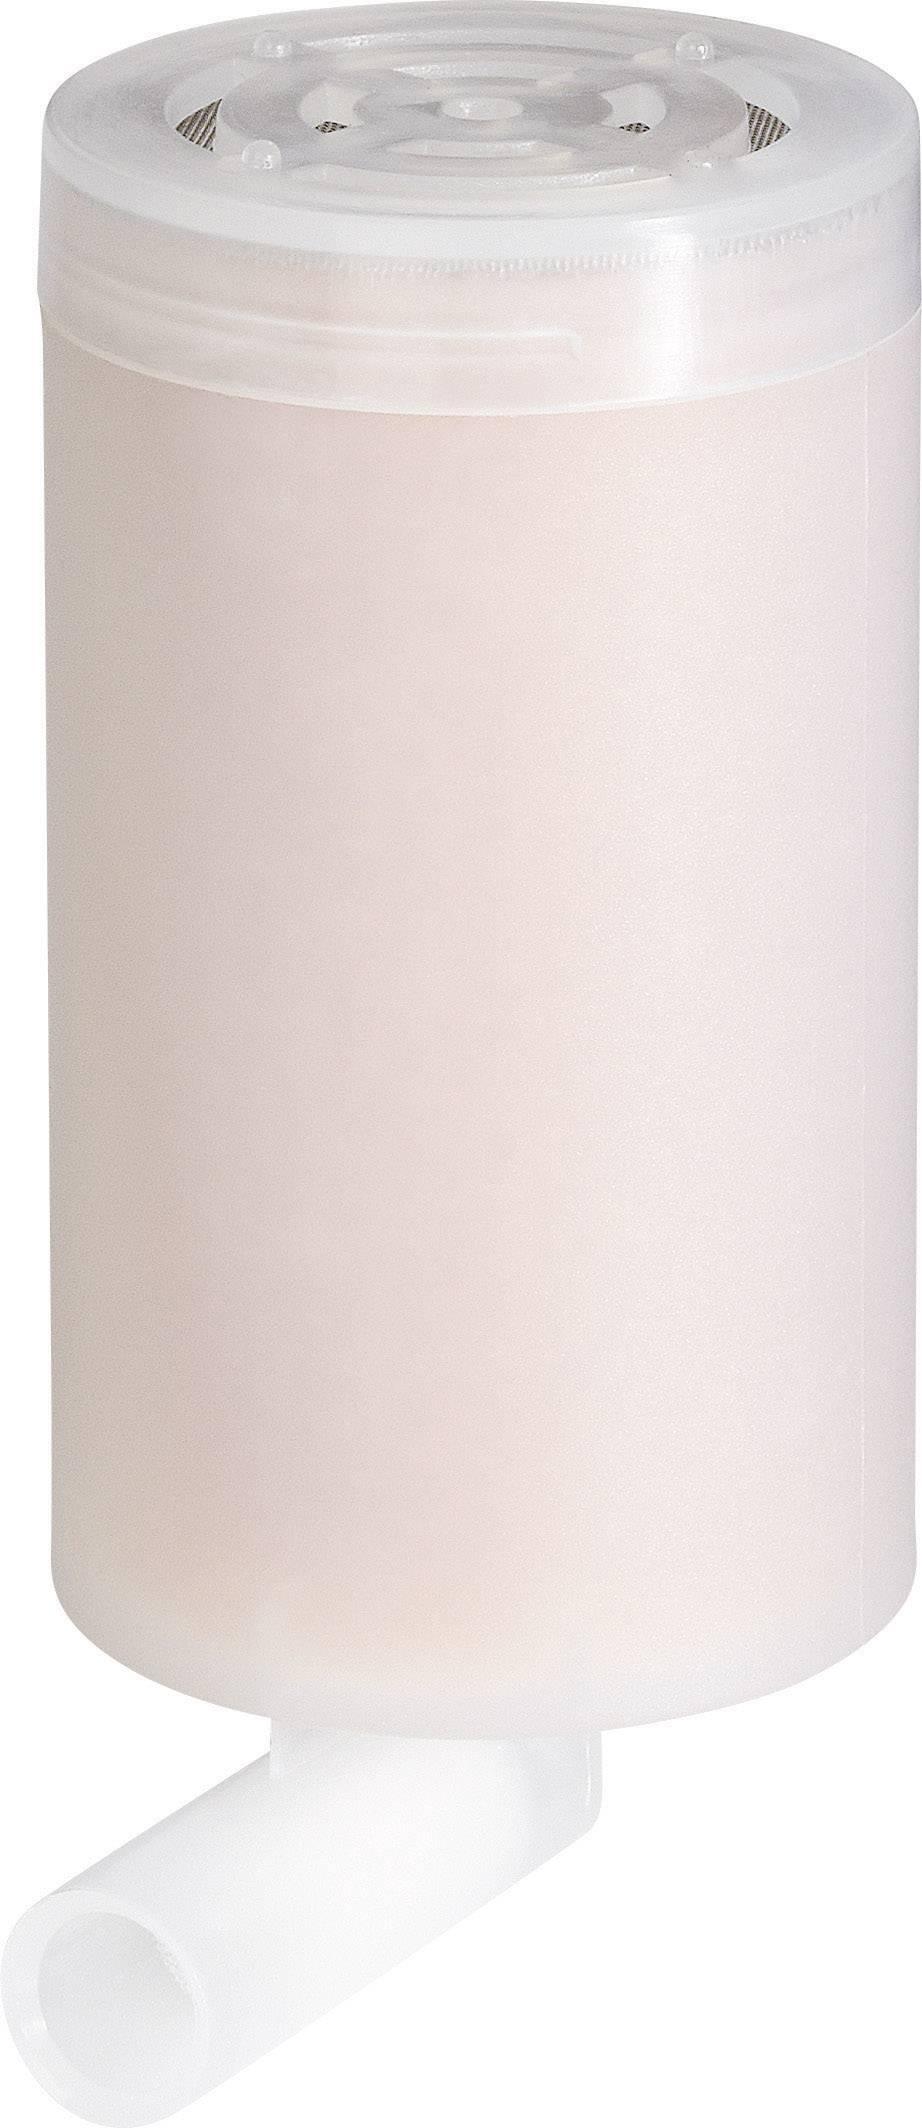 Filtro acqua anticalcare per CLATRONIC DBS 3503